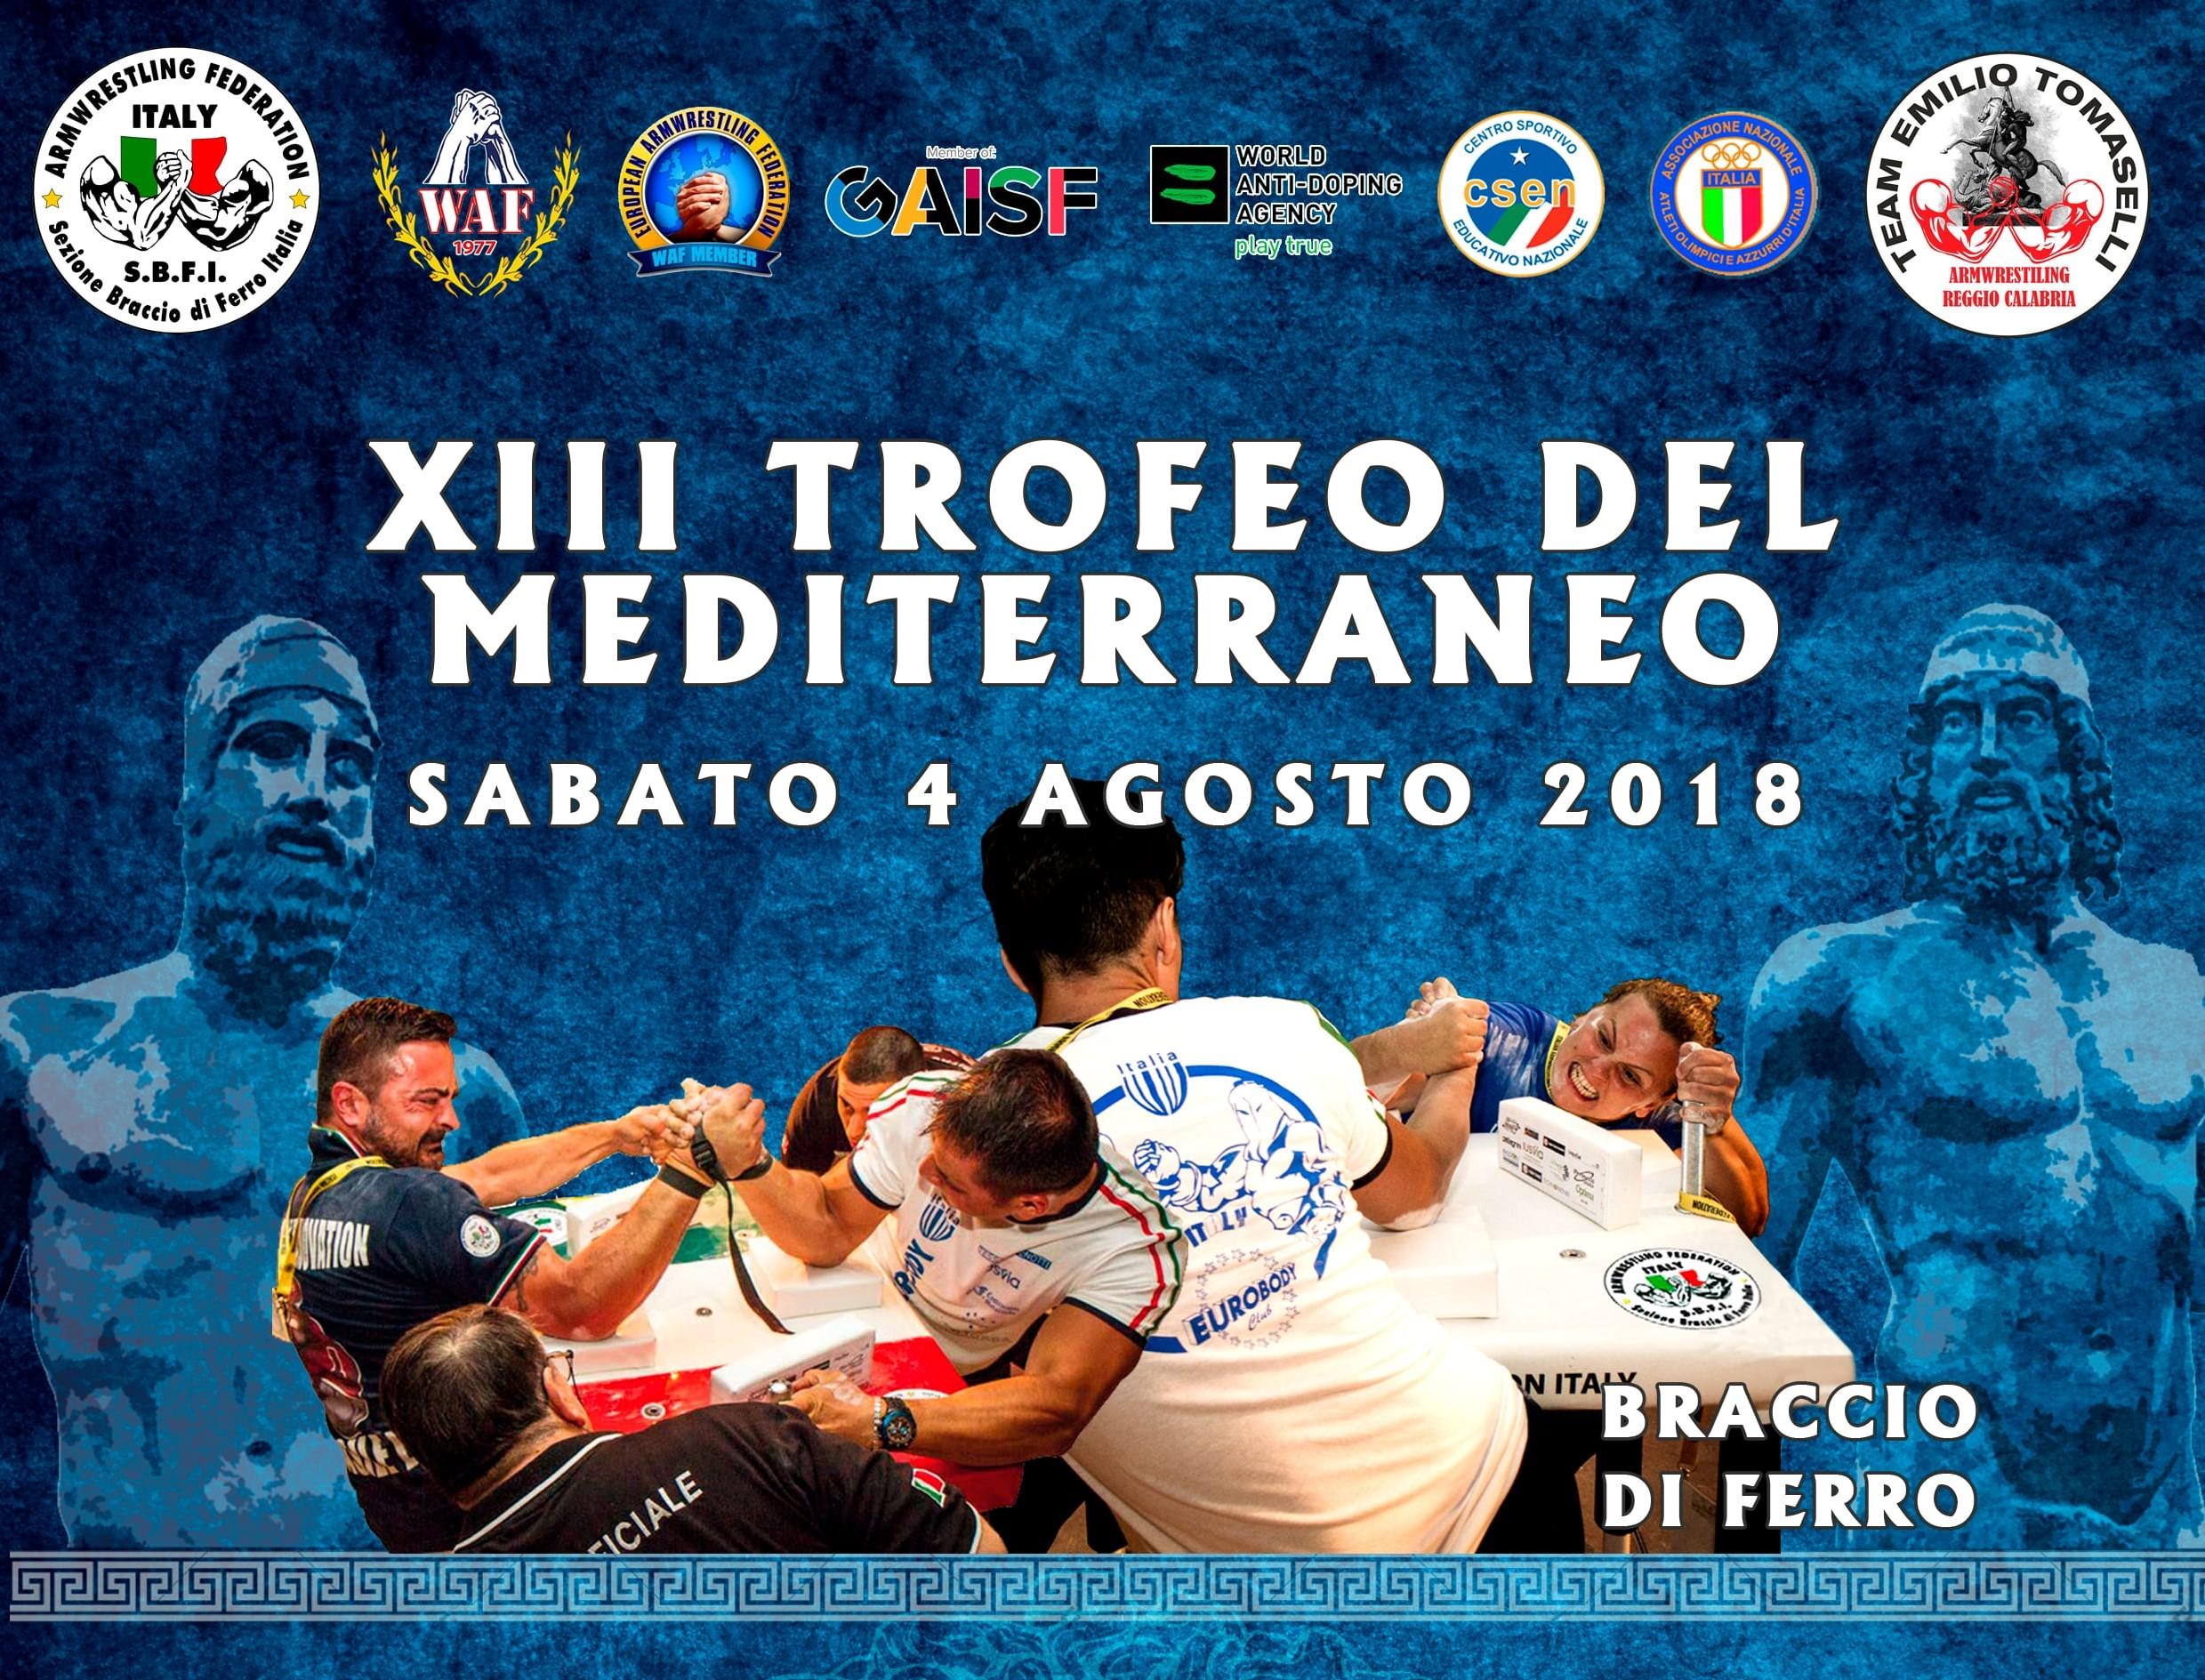 Resoconto XIII Trofeo del Mediterraneo